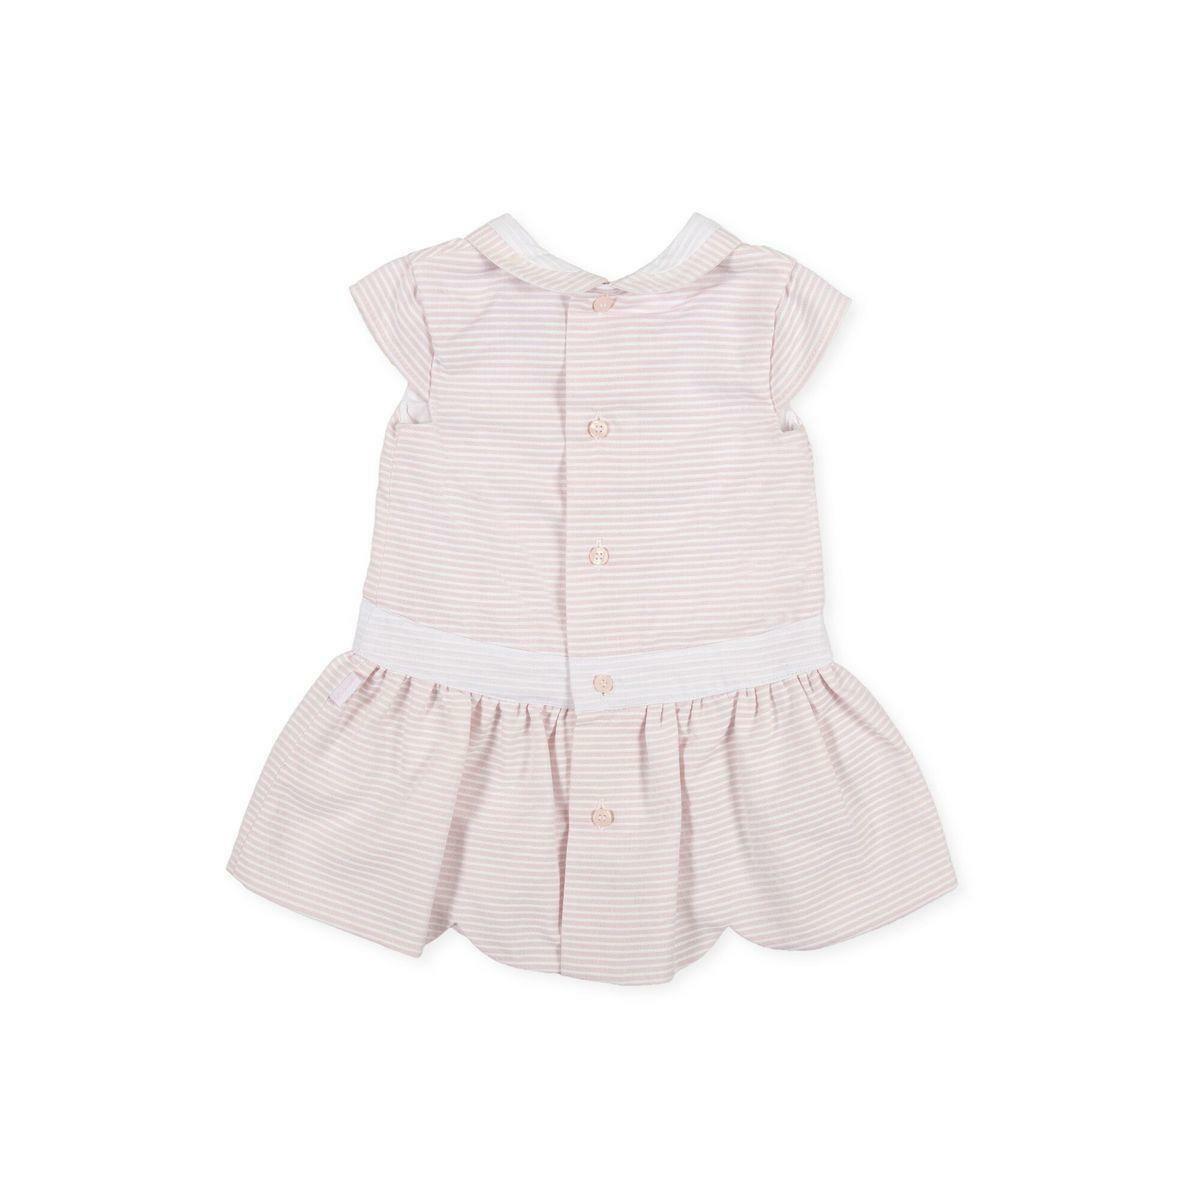 tutto piccolo tutto piccolo vestitino bambina rosa 8212s201/p00